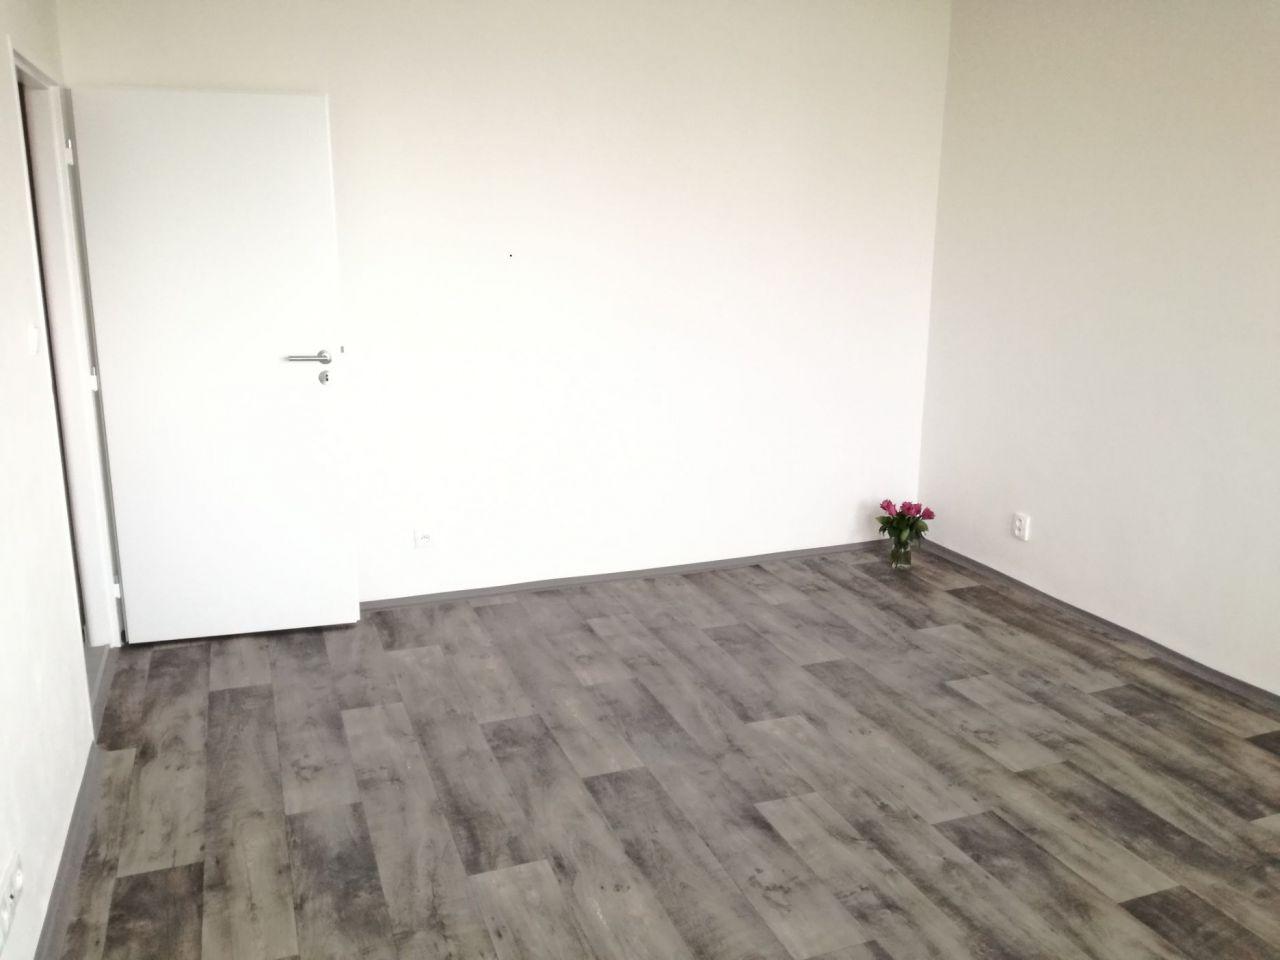 Pronájem bytu 2+1 50 m2, ul. Podroužkova 1661/29, Ostrava - Poruba